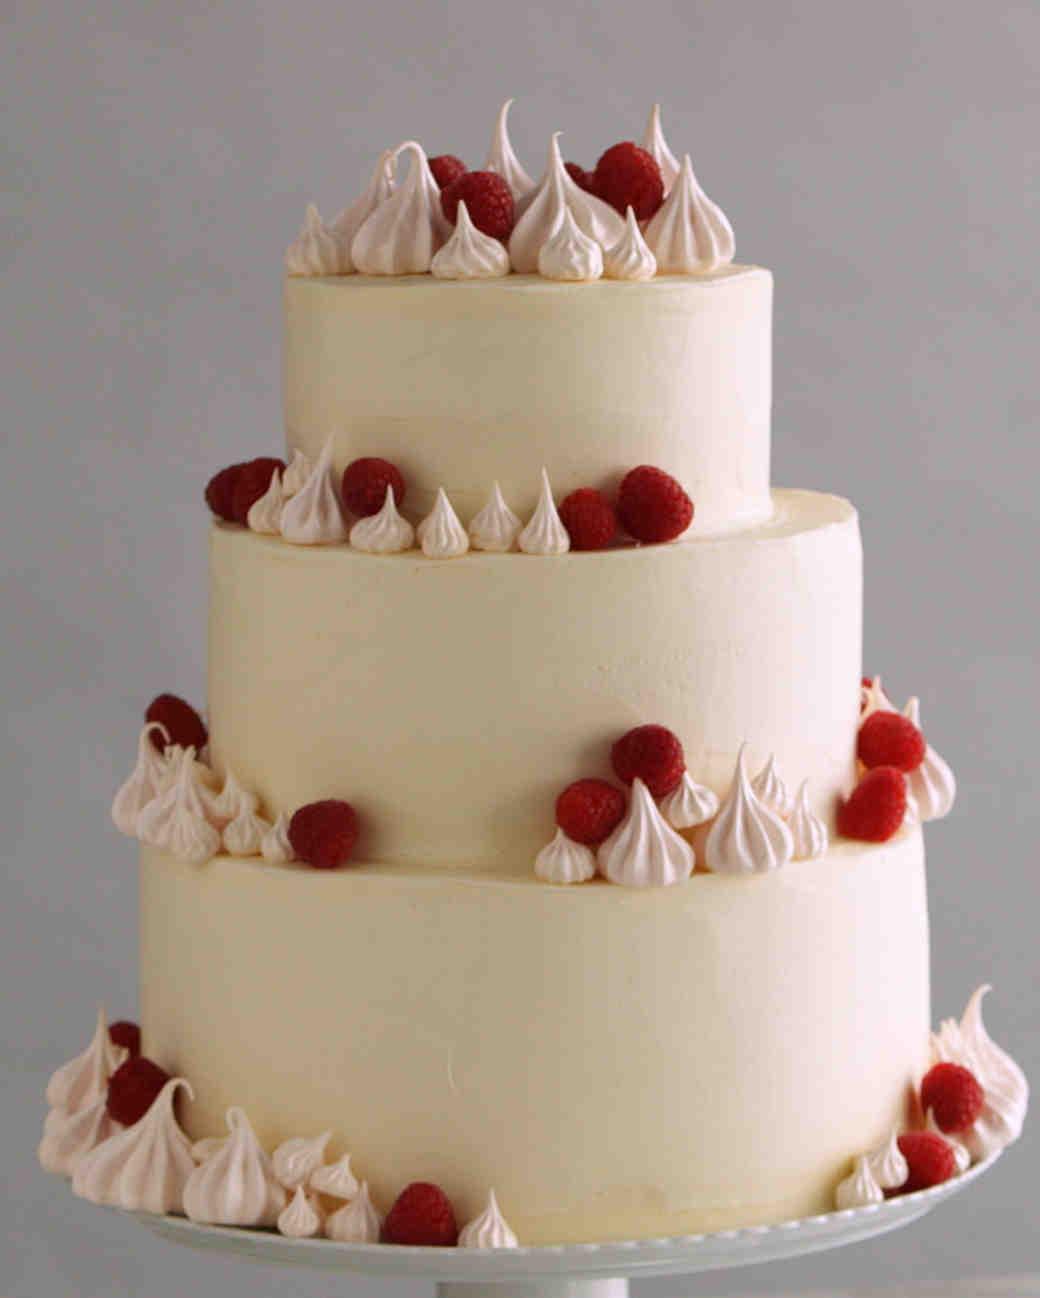 3 Easy Ways to Upgrade a White Wedding Cake